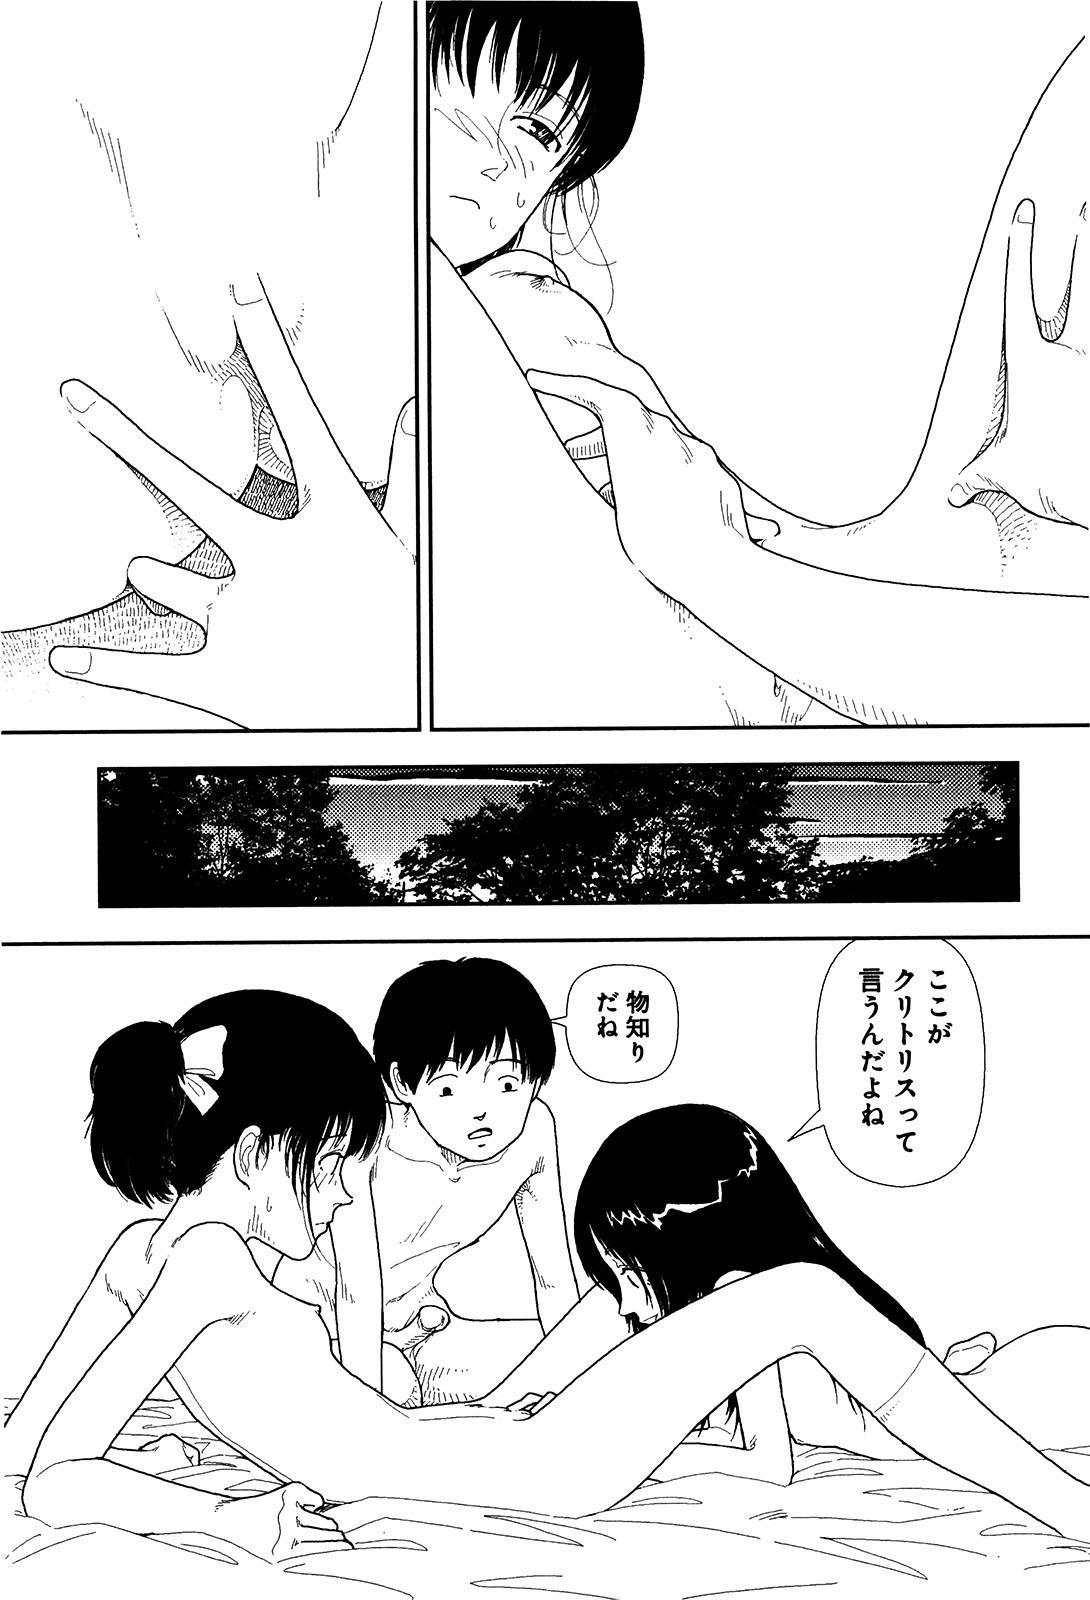 Bunkou no Hitotachi 1 147